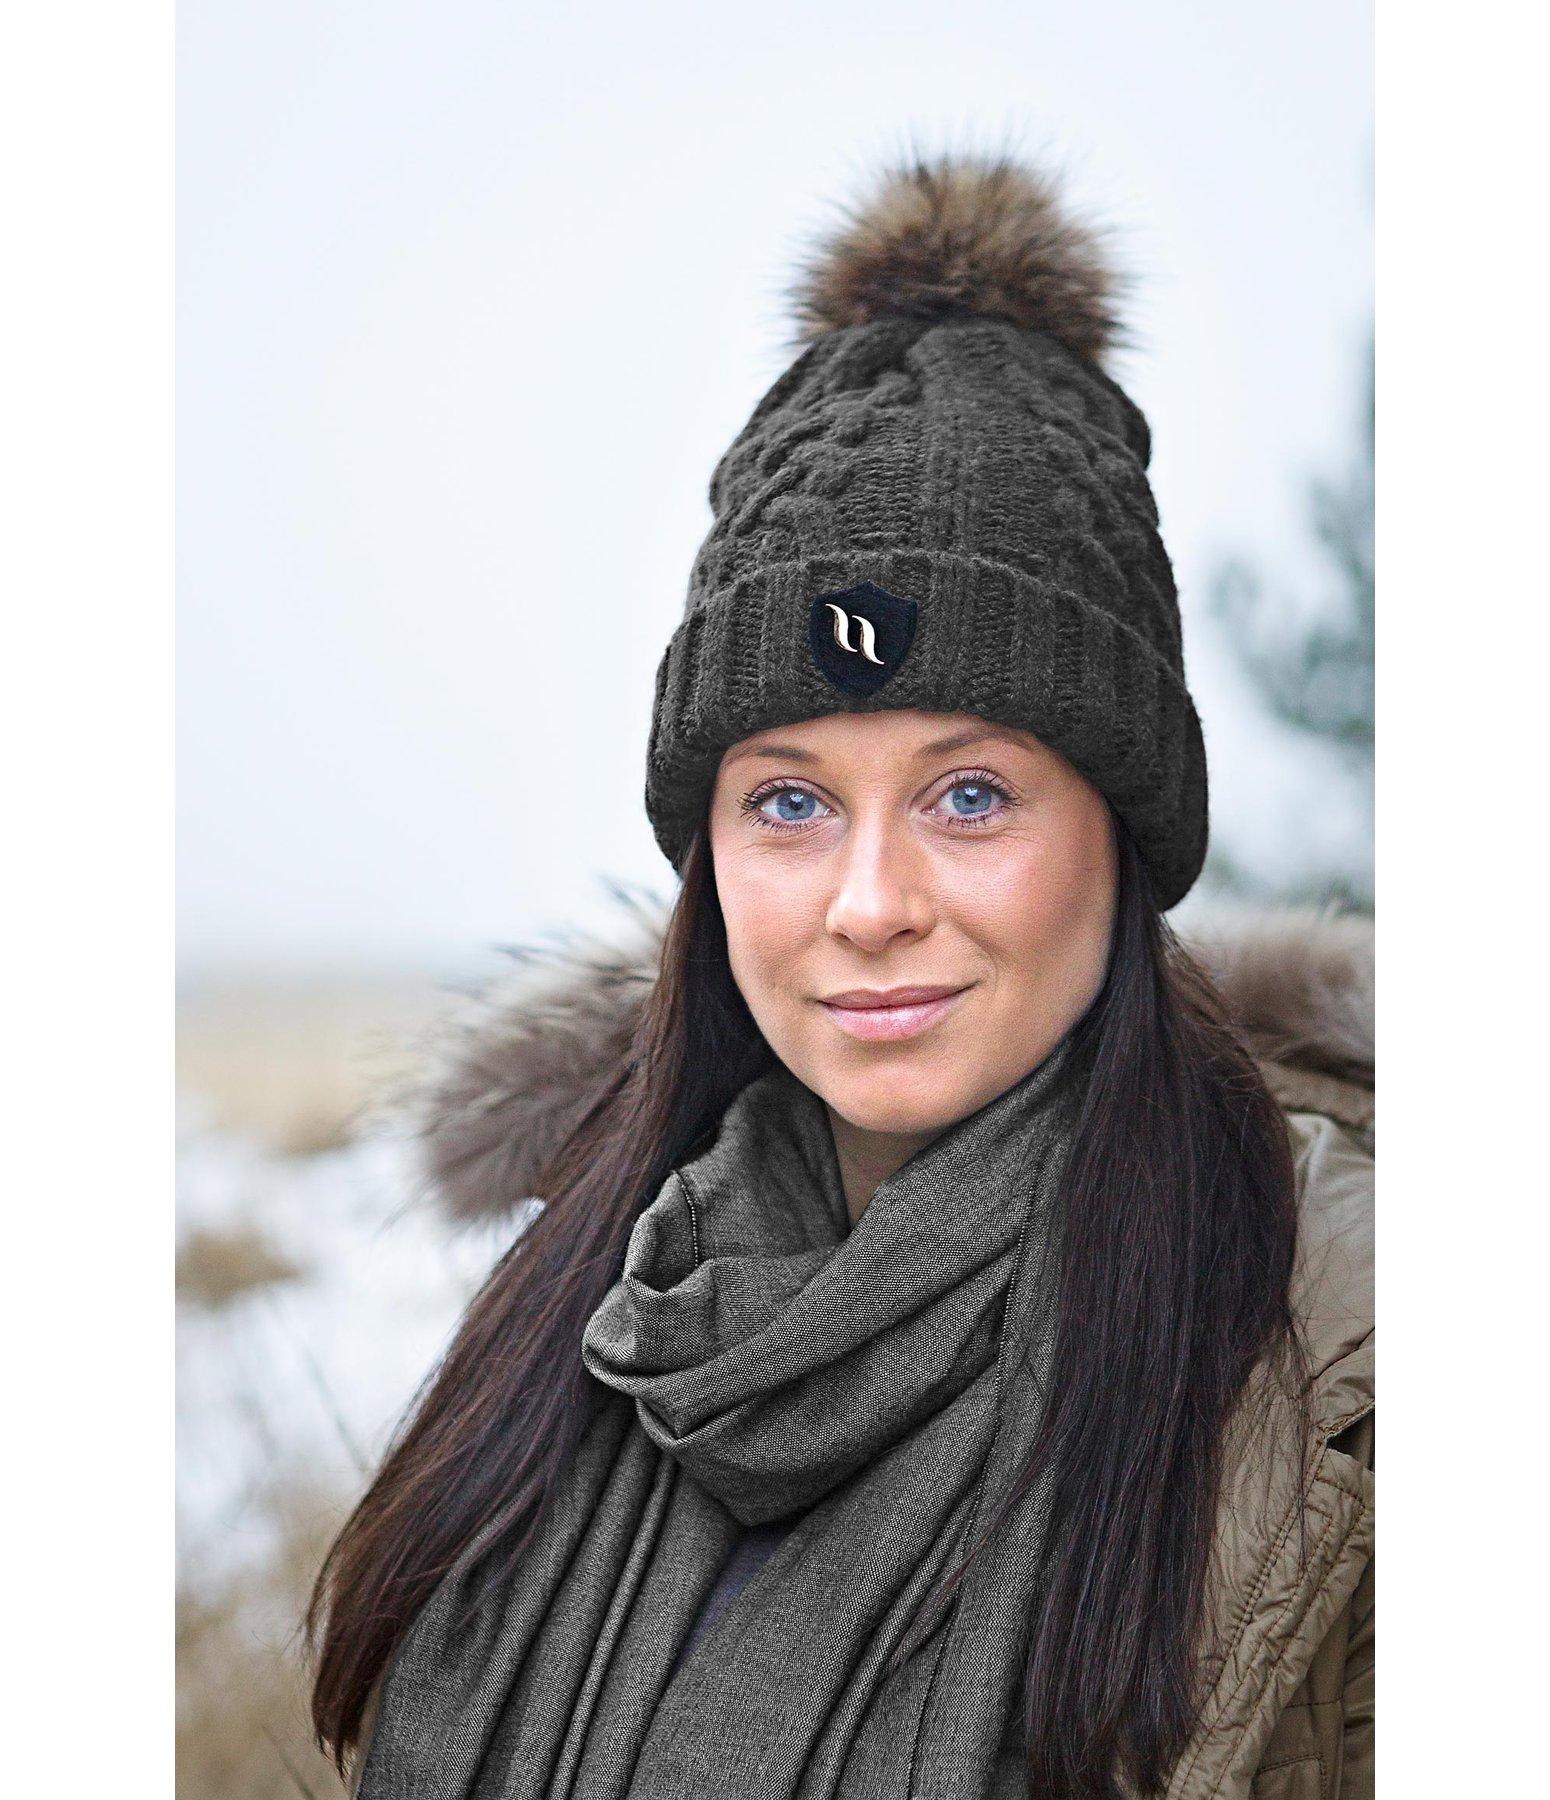 Woolly Hat - Hats   Headbands - Kramer Equestrian 5ee3bfd5c72